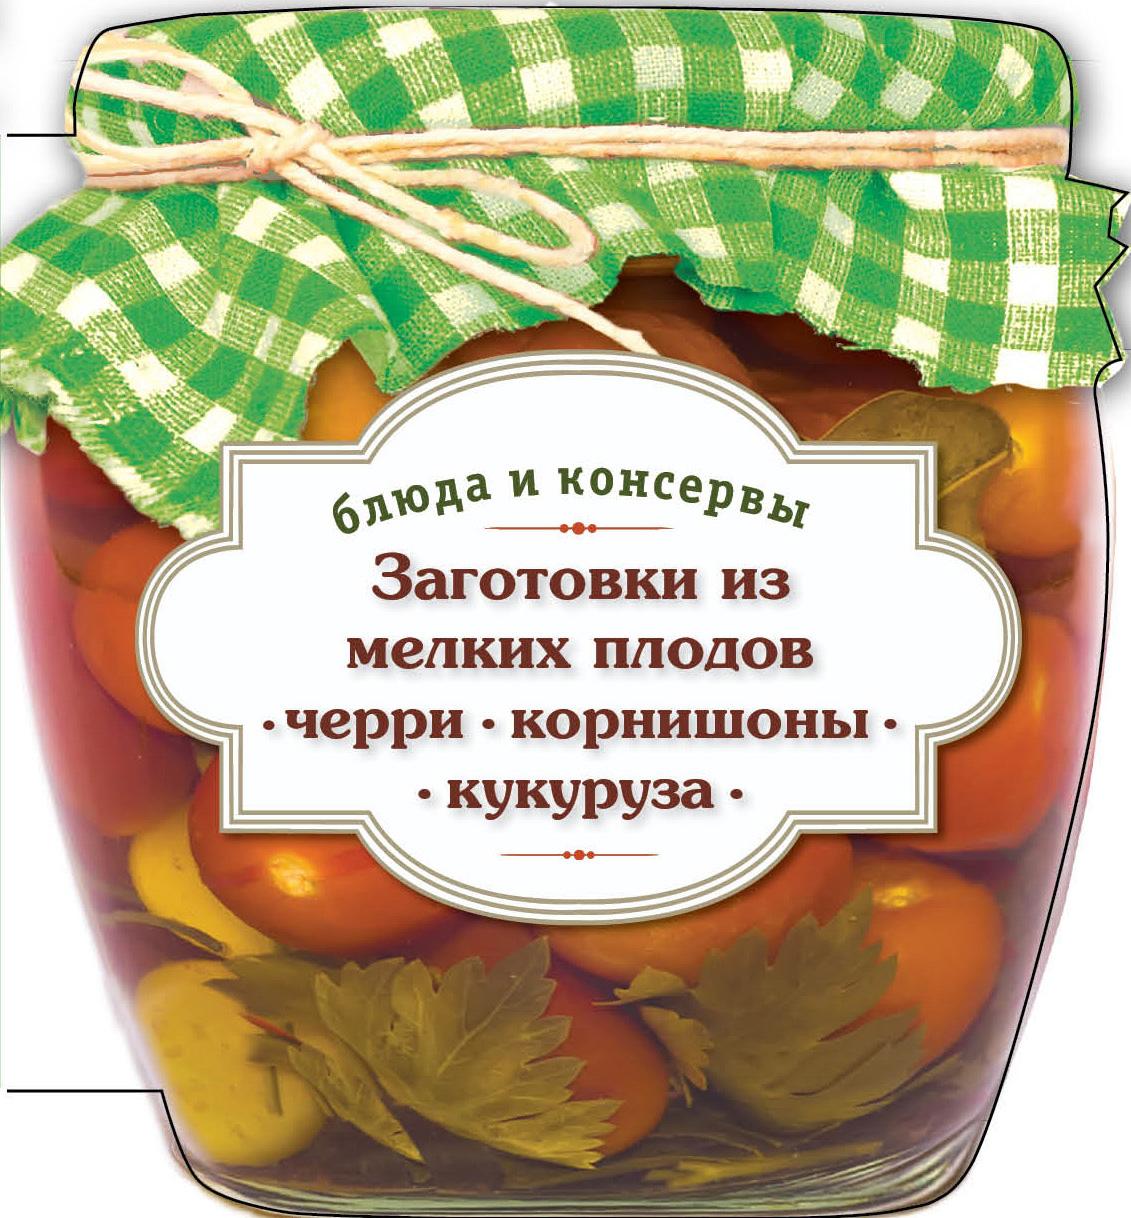 Заготовки из мелких плодов (черри, корнишоны, миникукуруза)